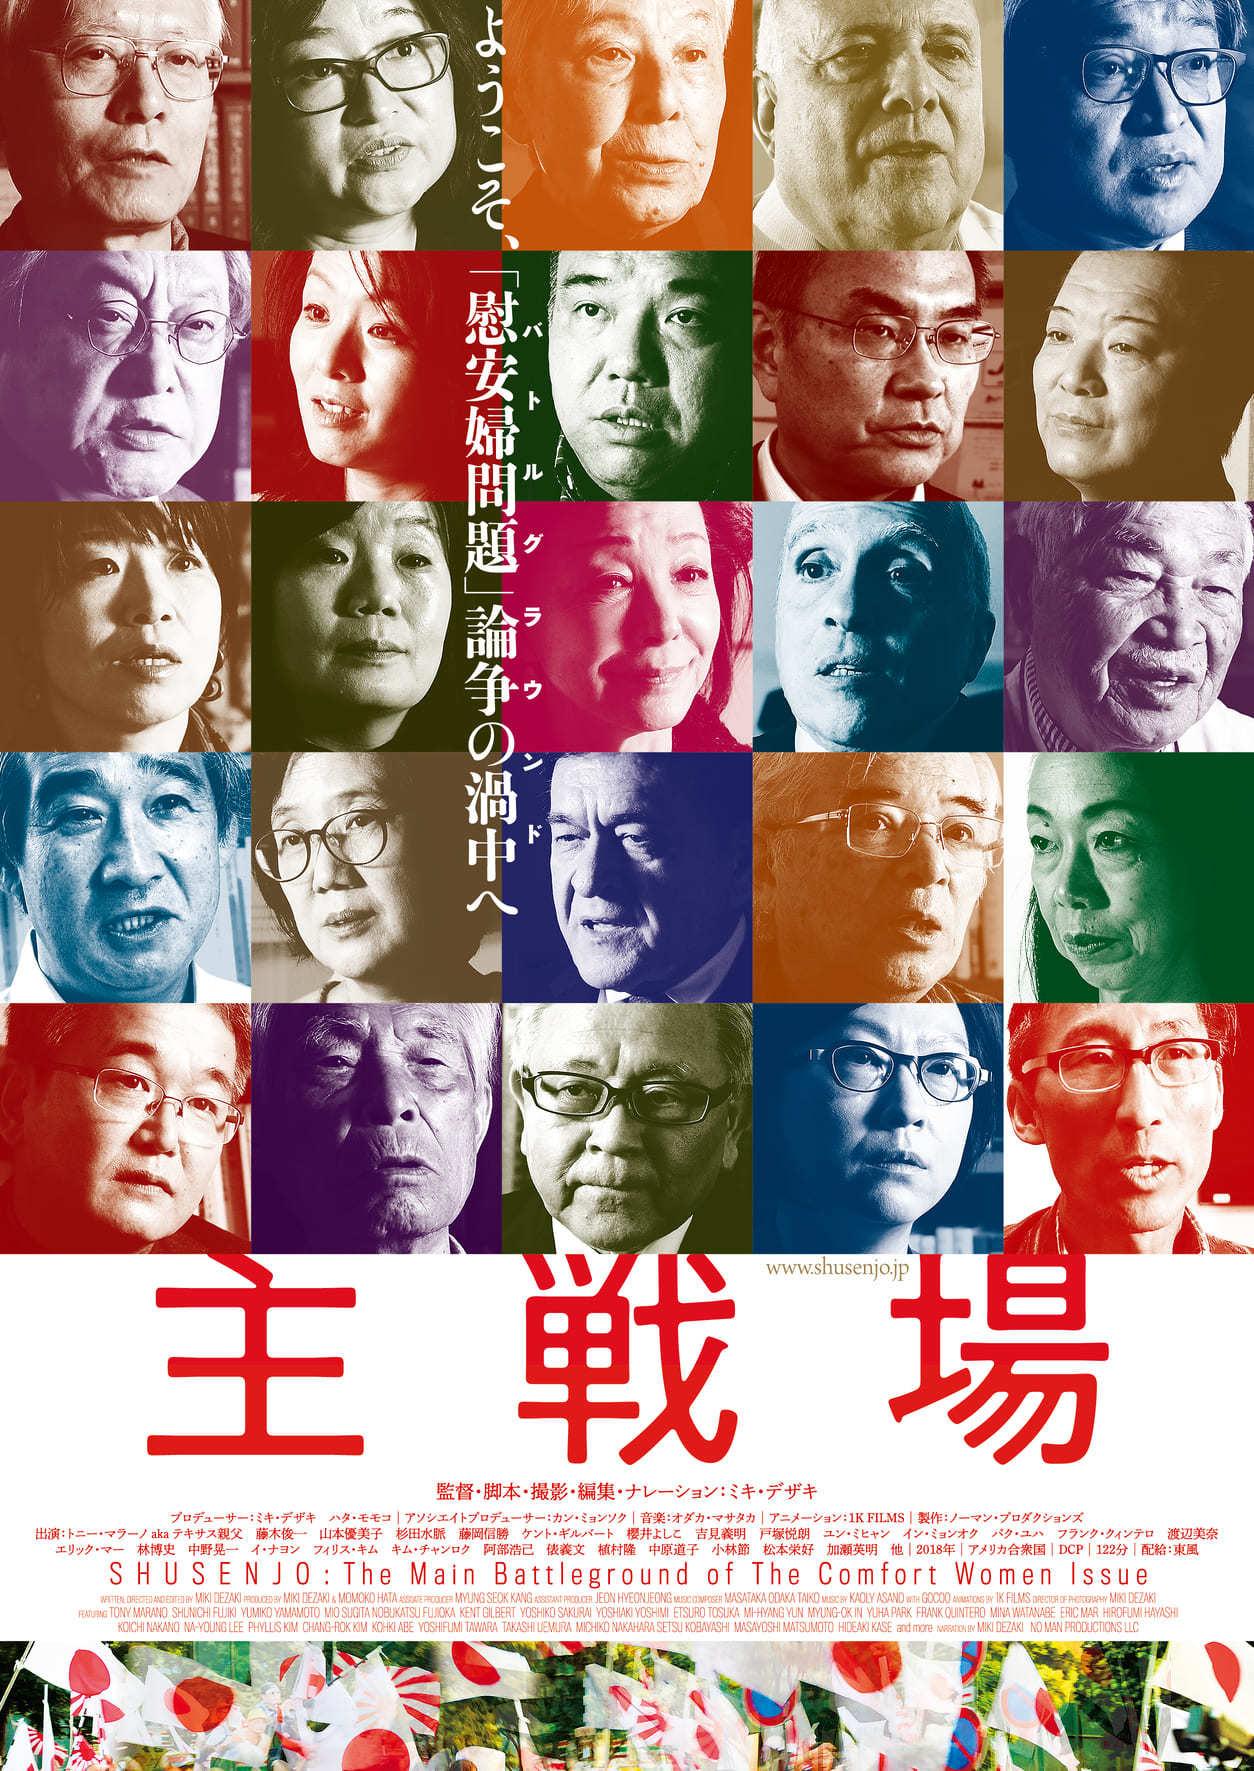 映画『主戦場』 KAWASAKIしんゆり映画祭での上映見送りを受け、アップ ...